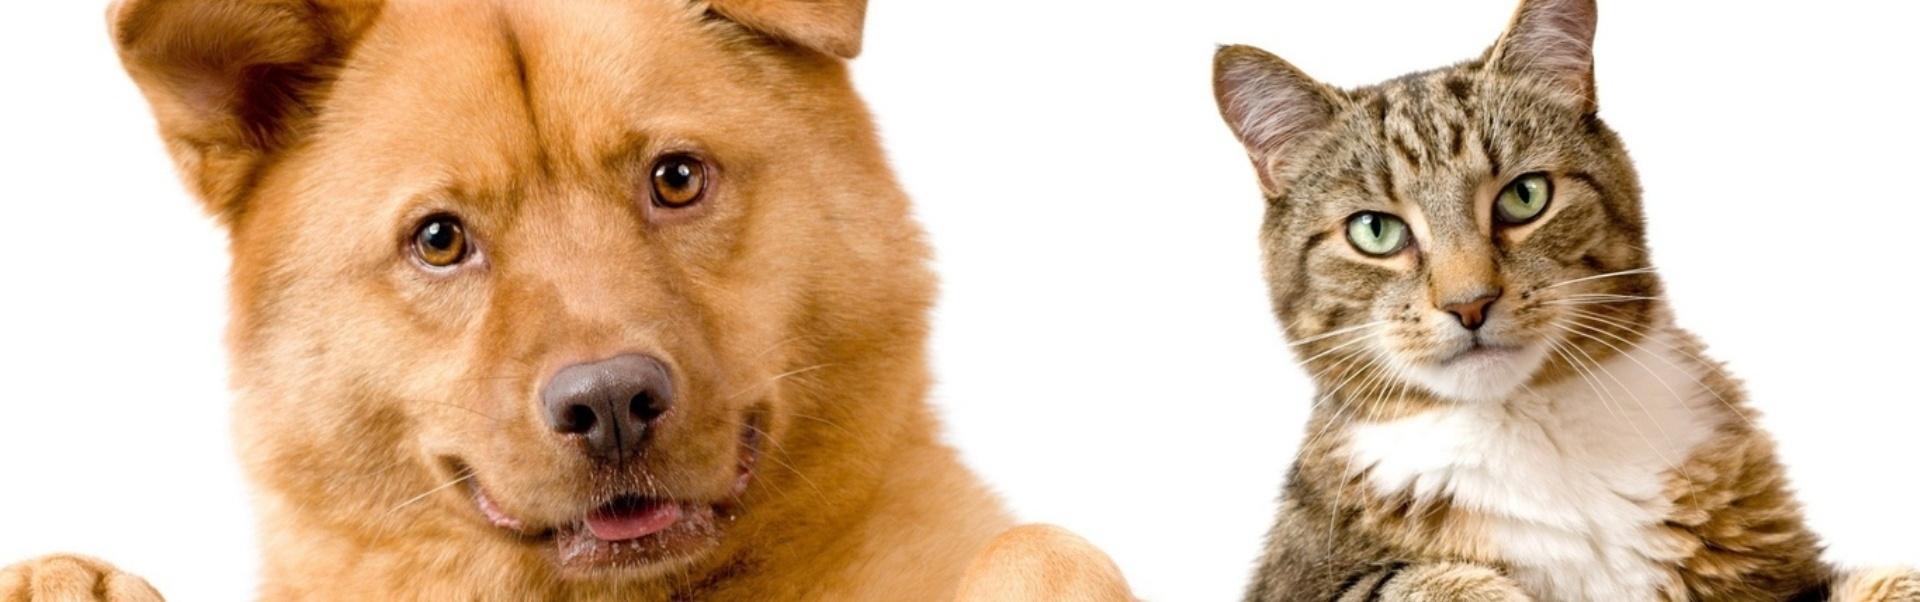 13 pisici care iubesc să scoată câinii din pepeni